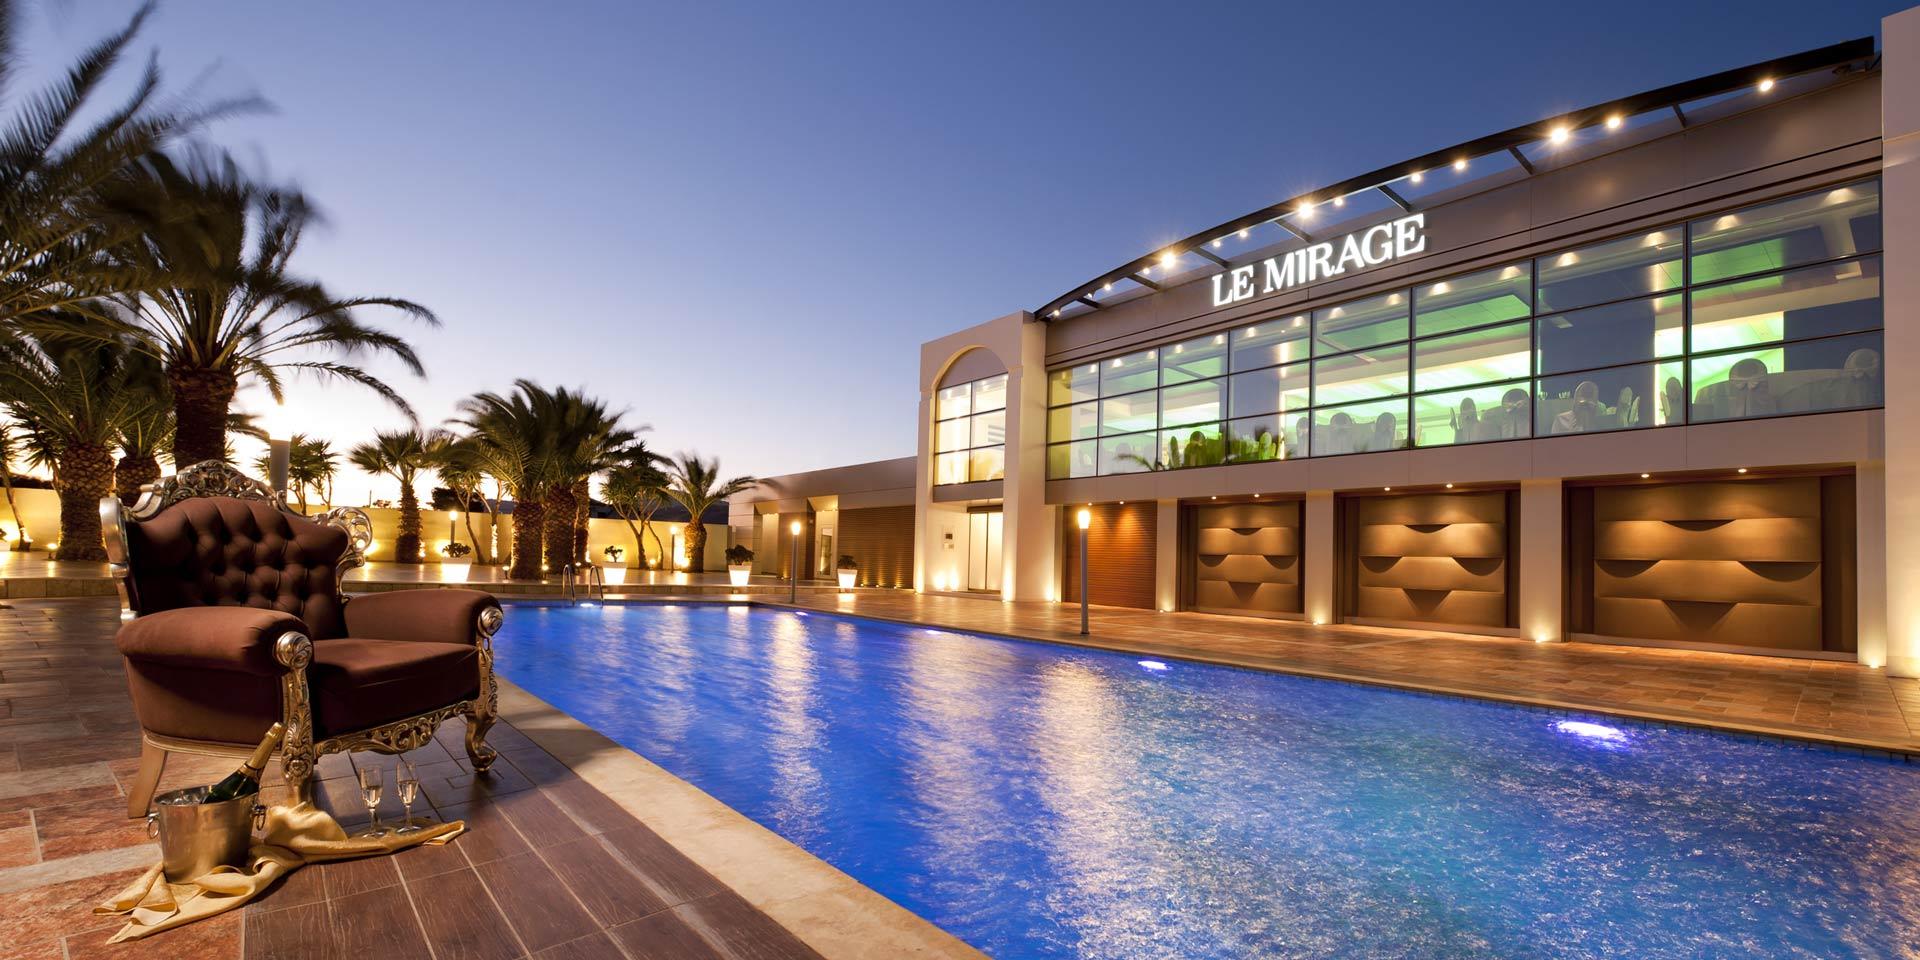 Αίθουσα εκδηλώσεων με πισίνα le mirage στα Μέγαρα Αττικής